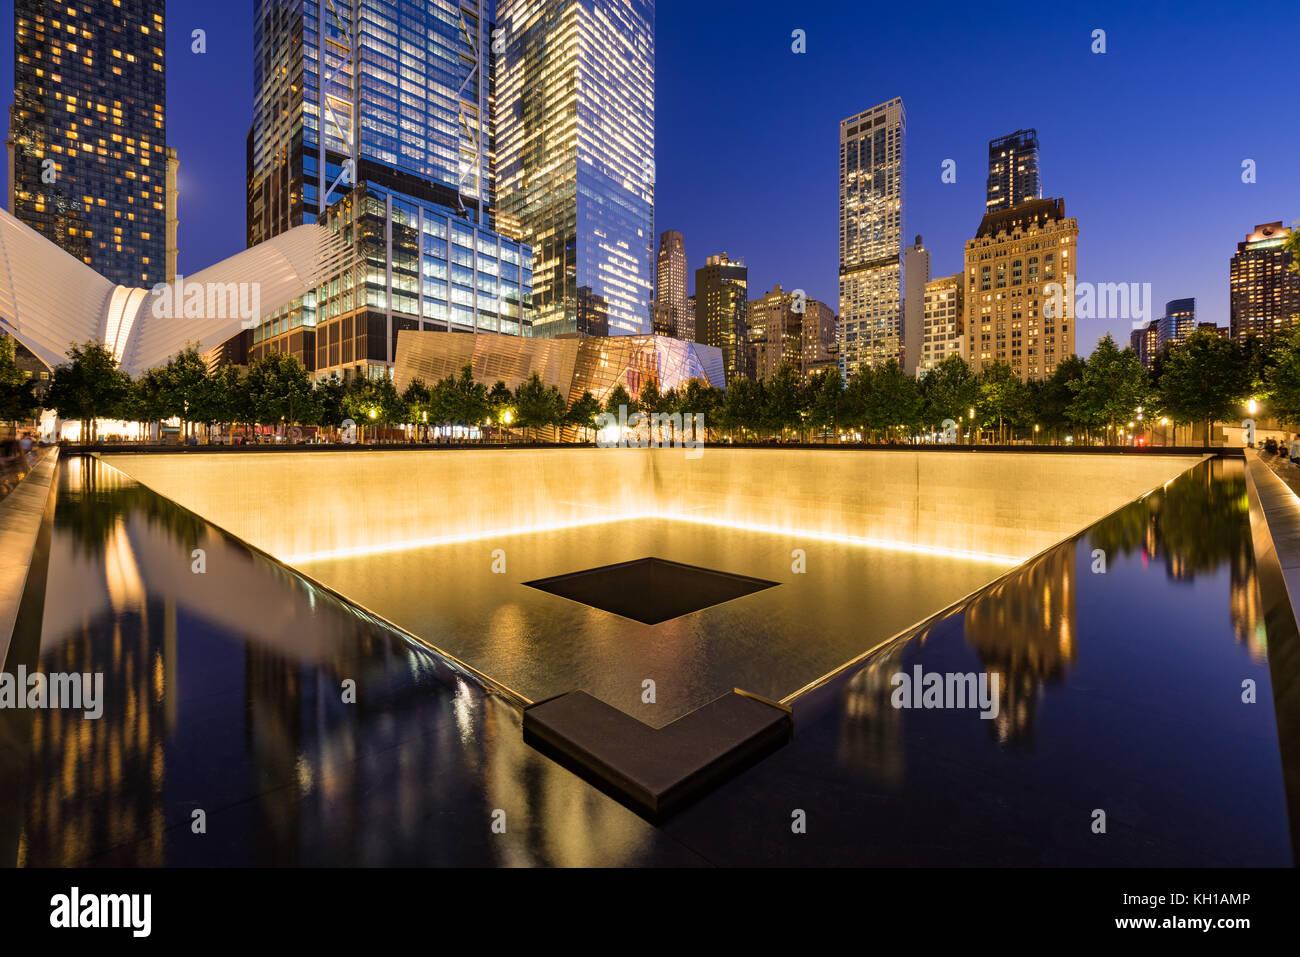 Im Norden einen reflektierenden Pool bei Dämmerung mit Blick auf das World Trade Center Tower 3 und 4 und die Stockbild